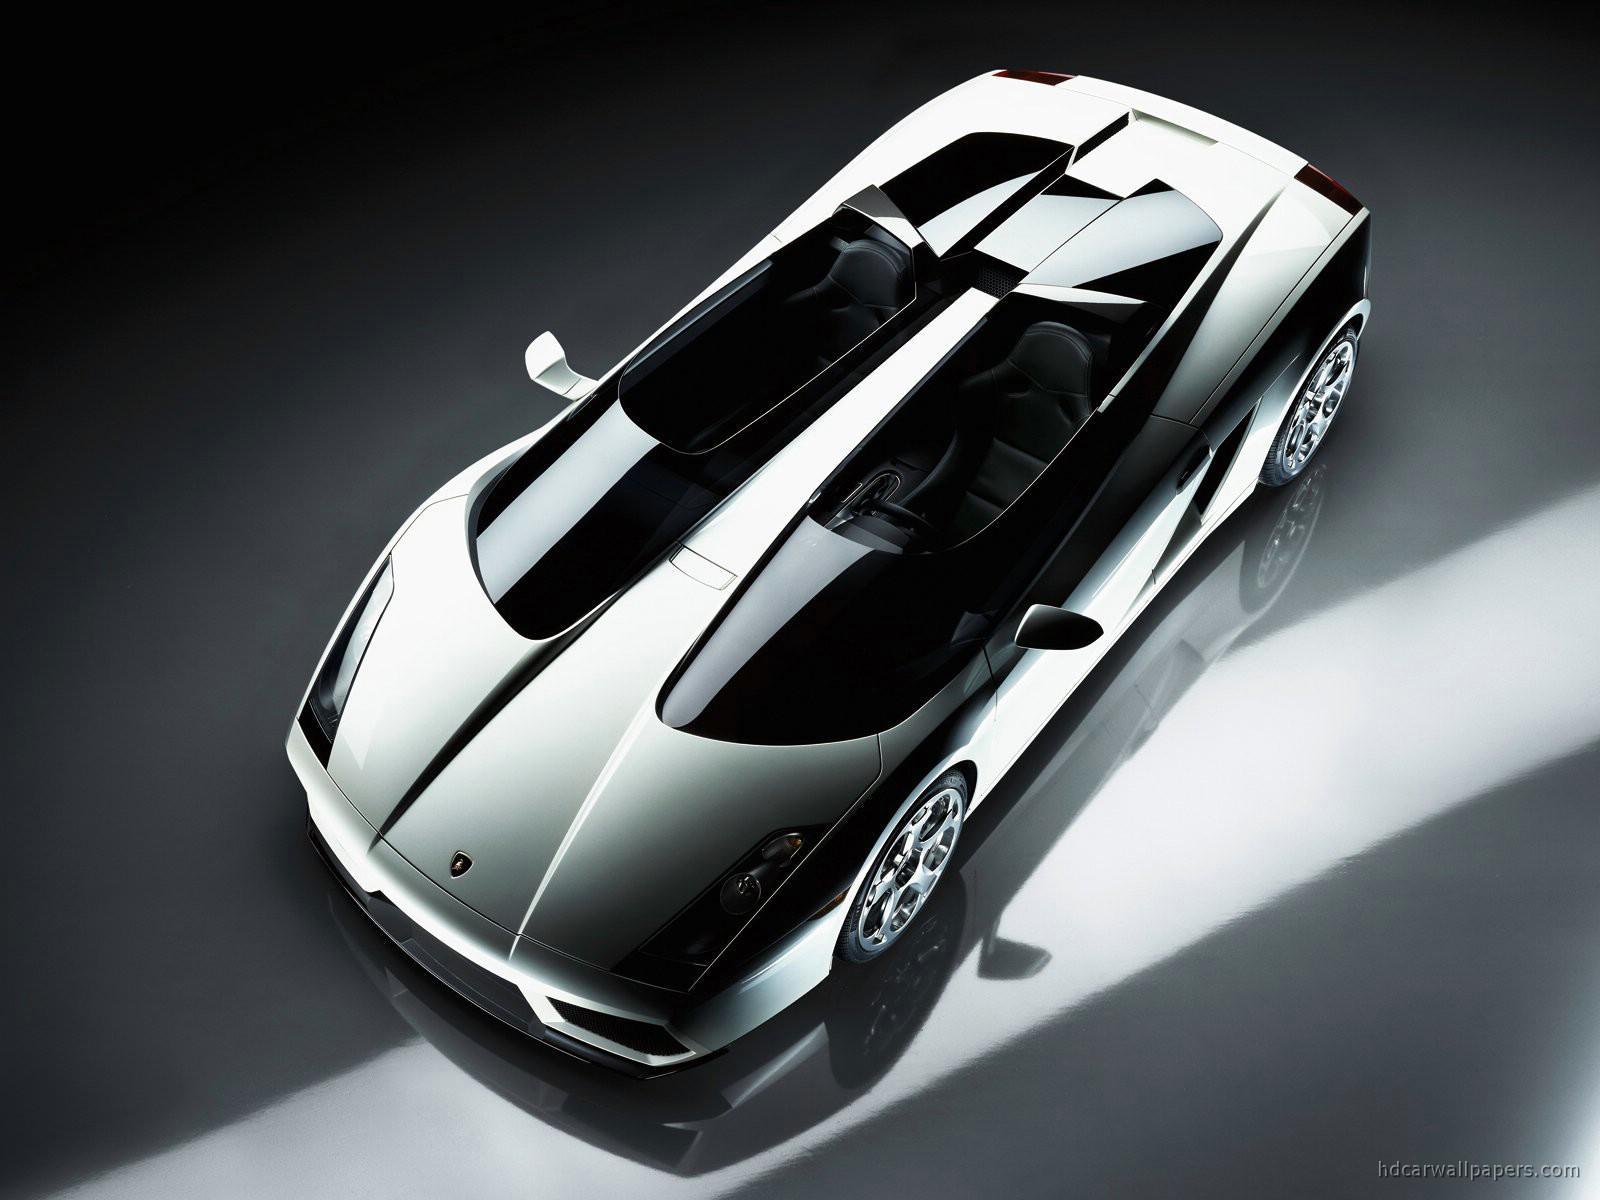 Lamborghini Concept S Wallpaper Hd Car Wallpapers Id 886